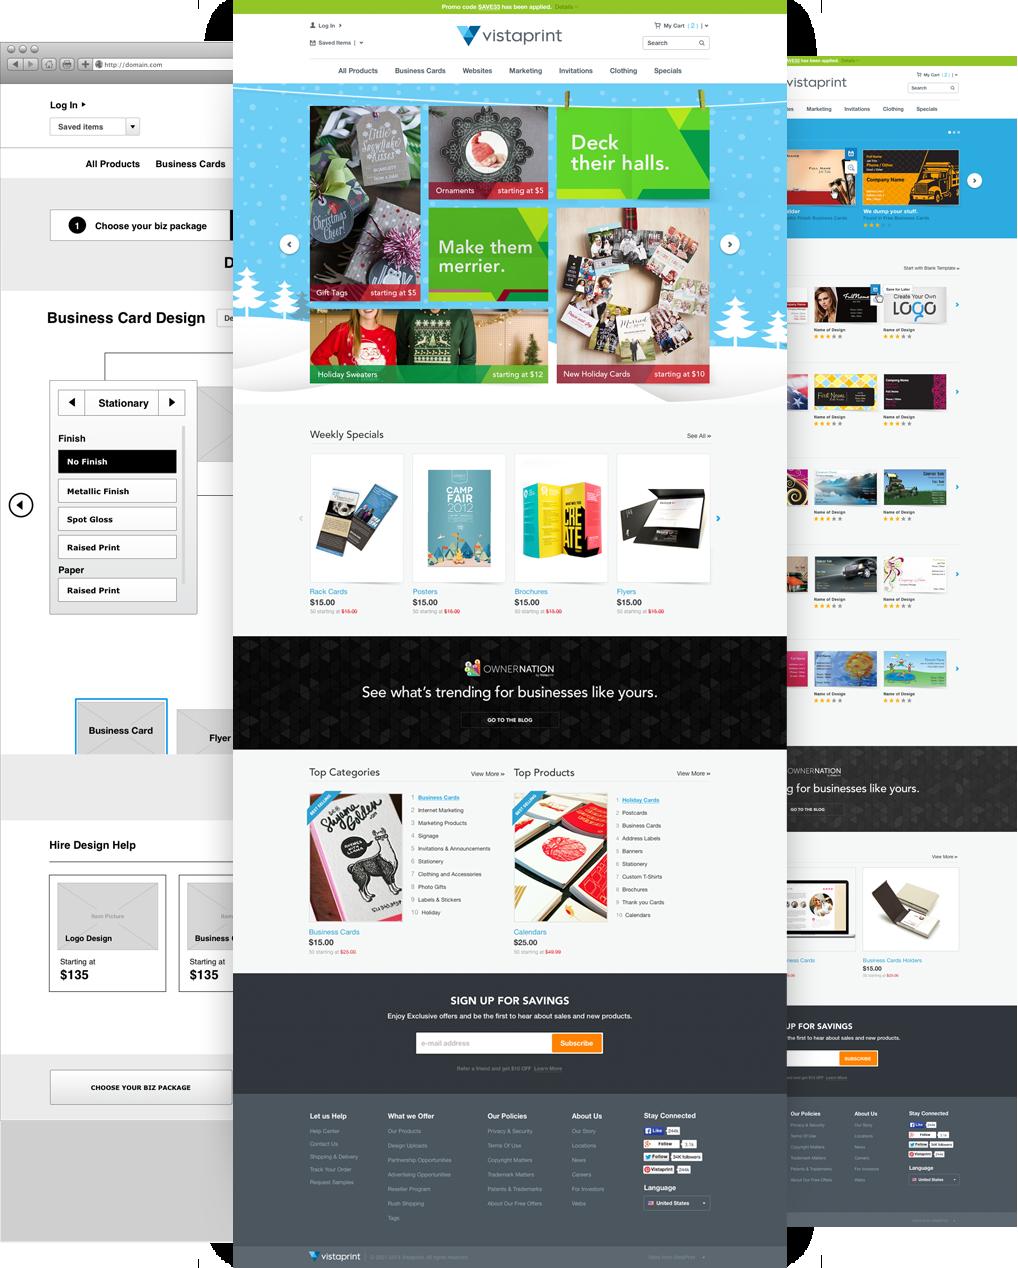 vistaprint_ux_site